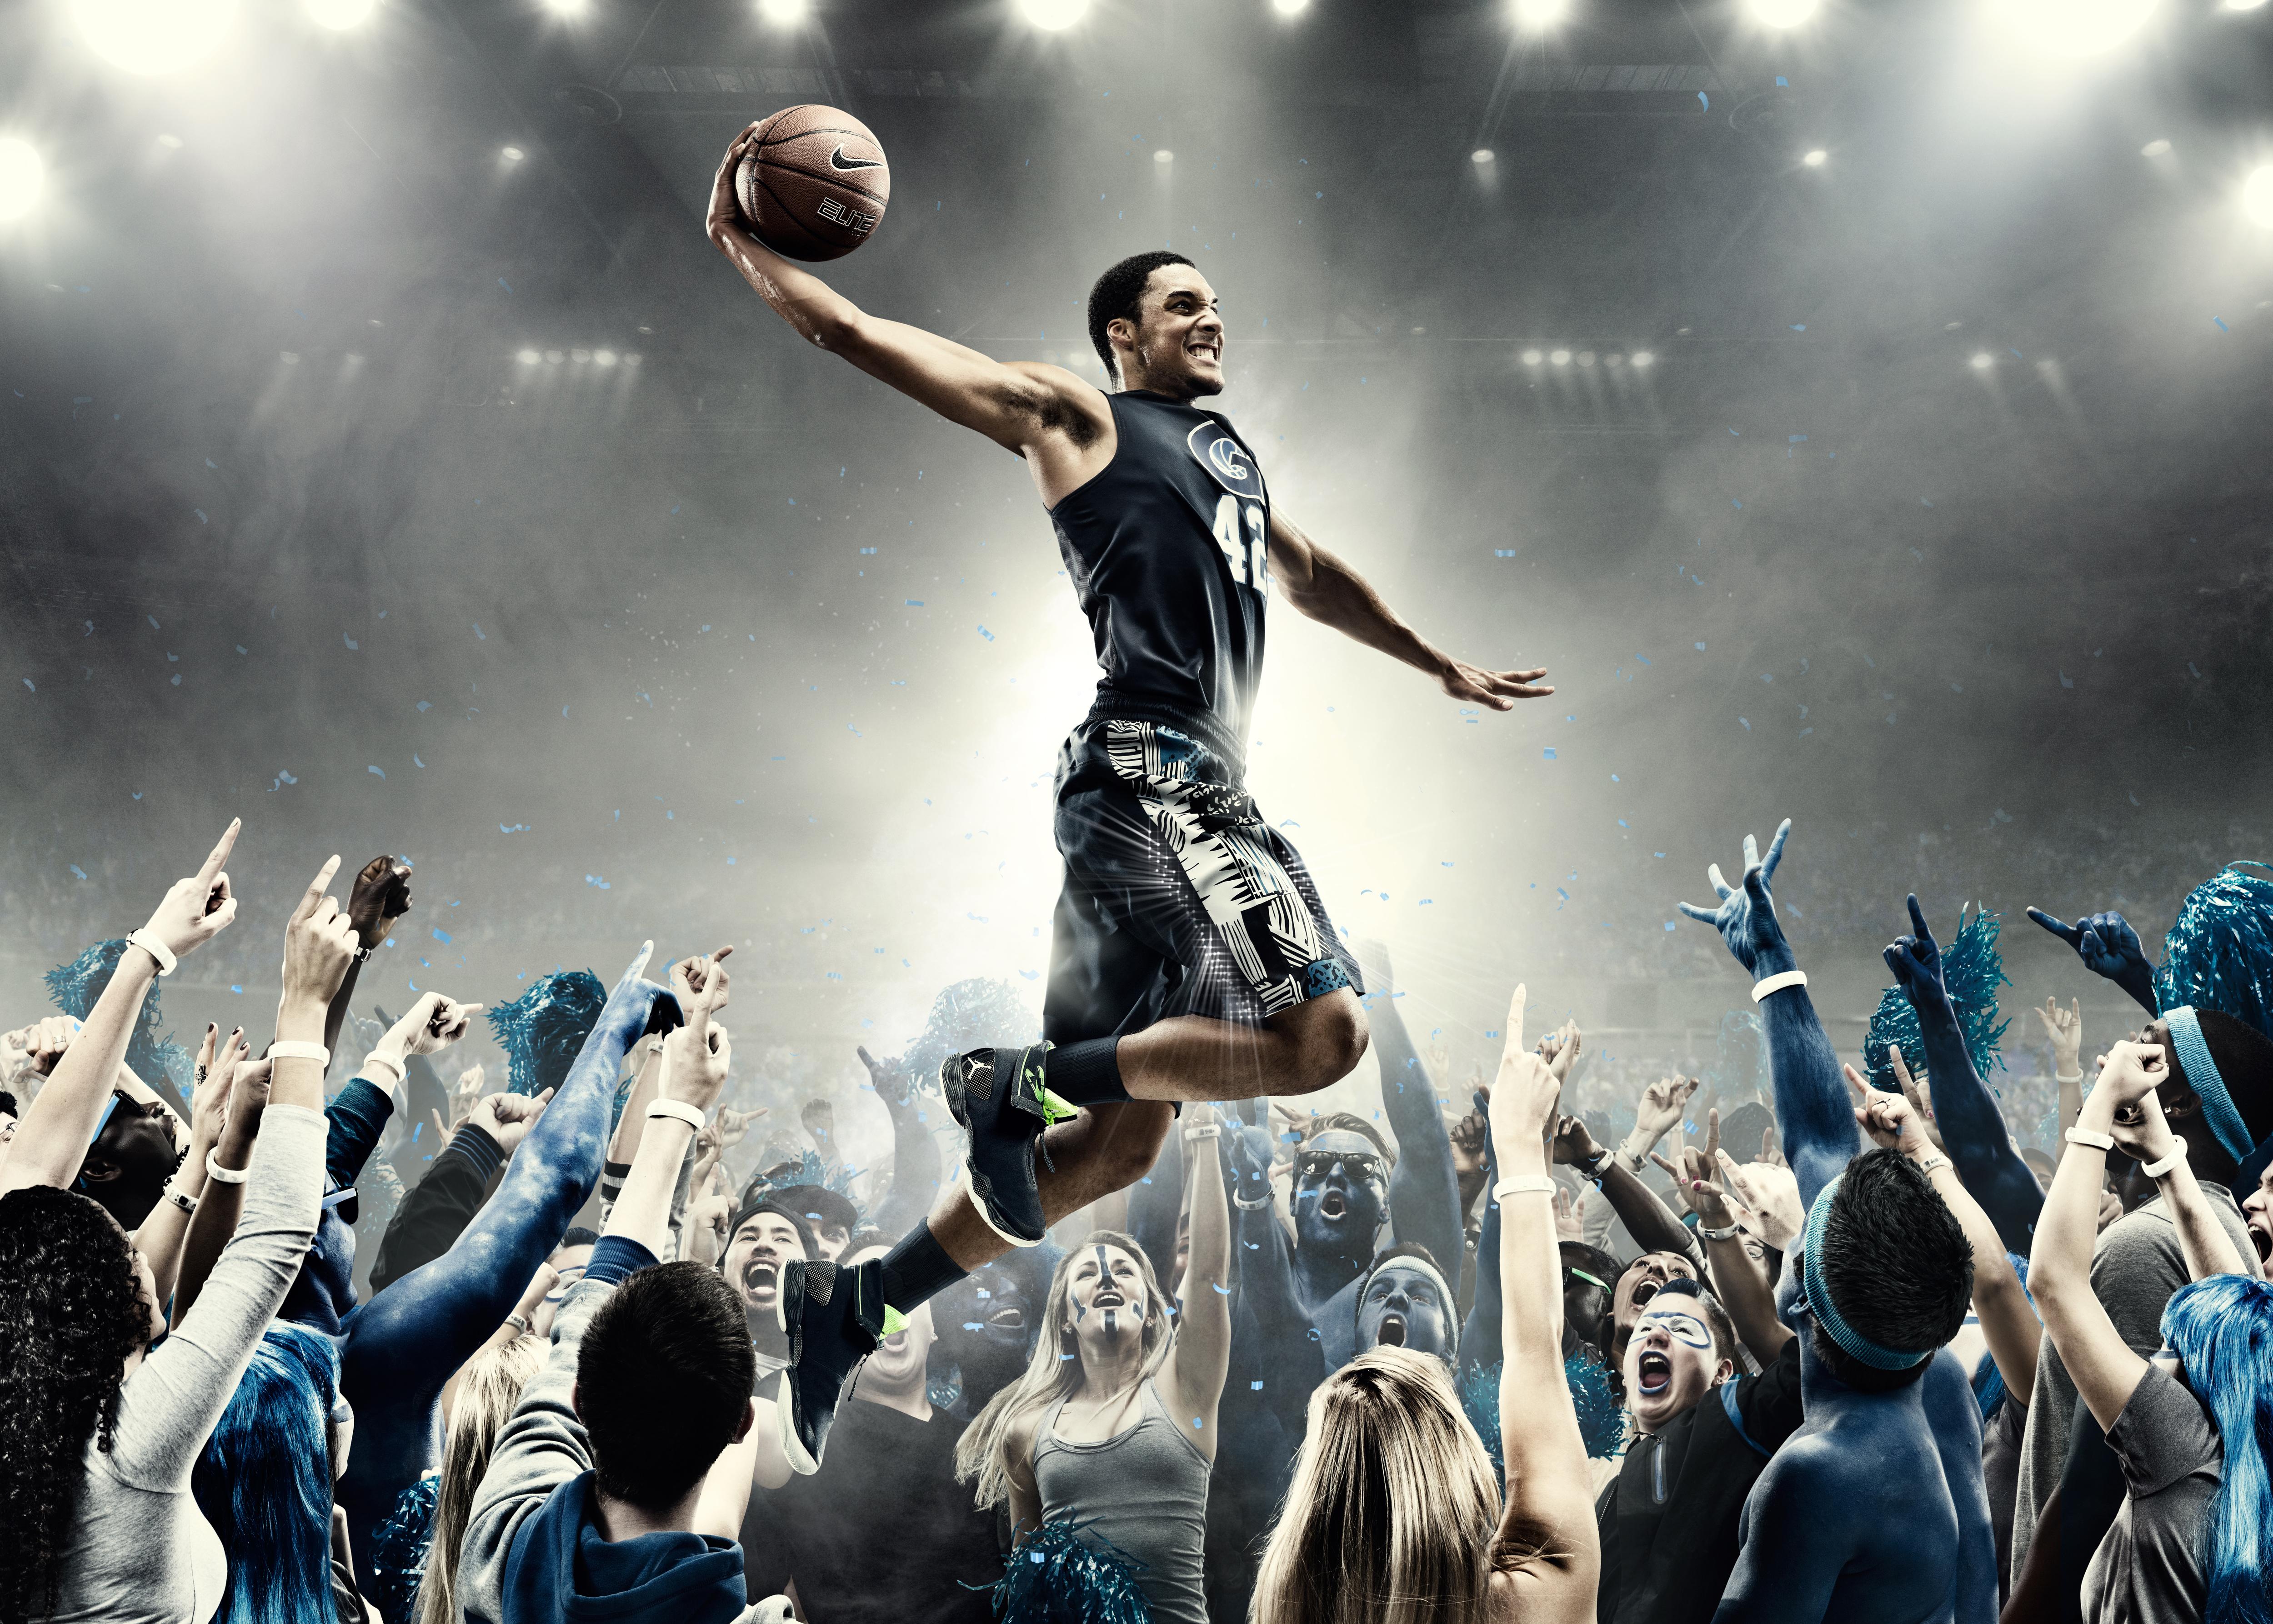 Nike Basketball Nike basketball selection 5000x3572